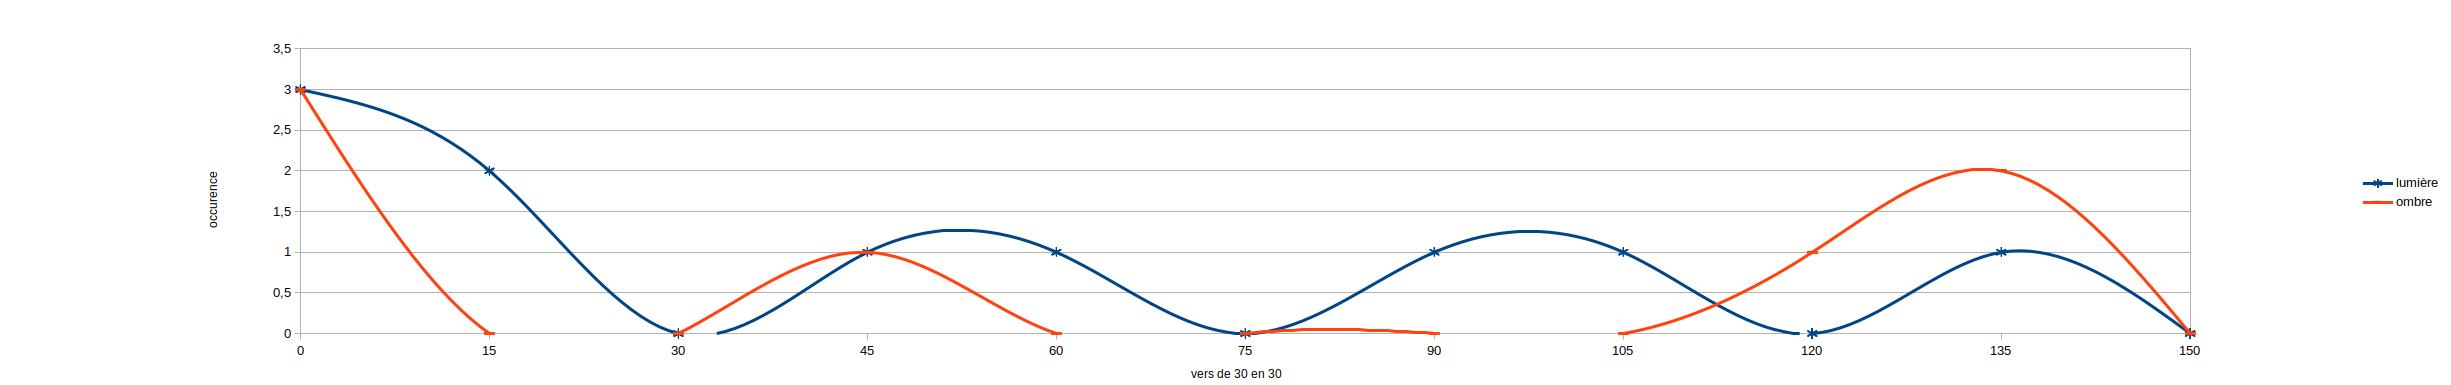 graphique représentant les occurences des termes de l'ombre et de la lumière durant la folie d'hercule